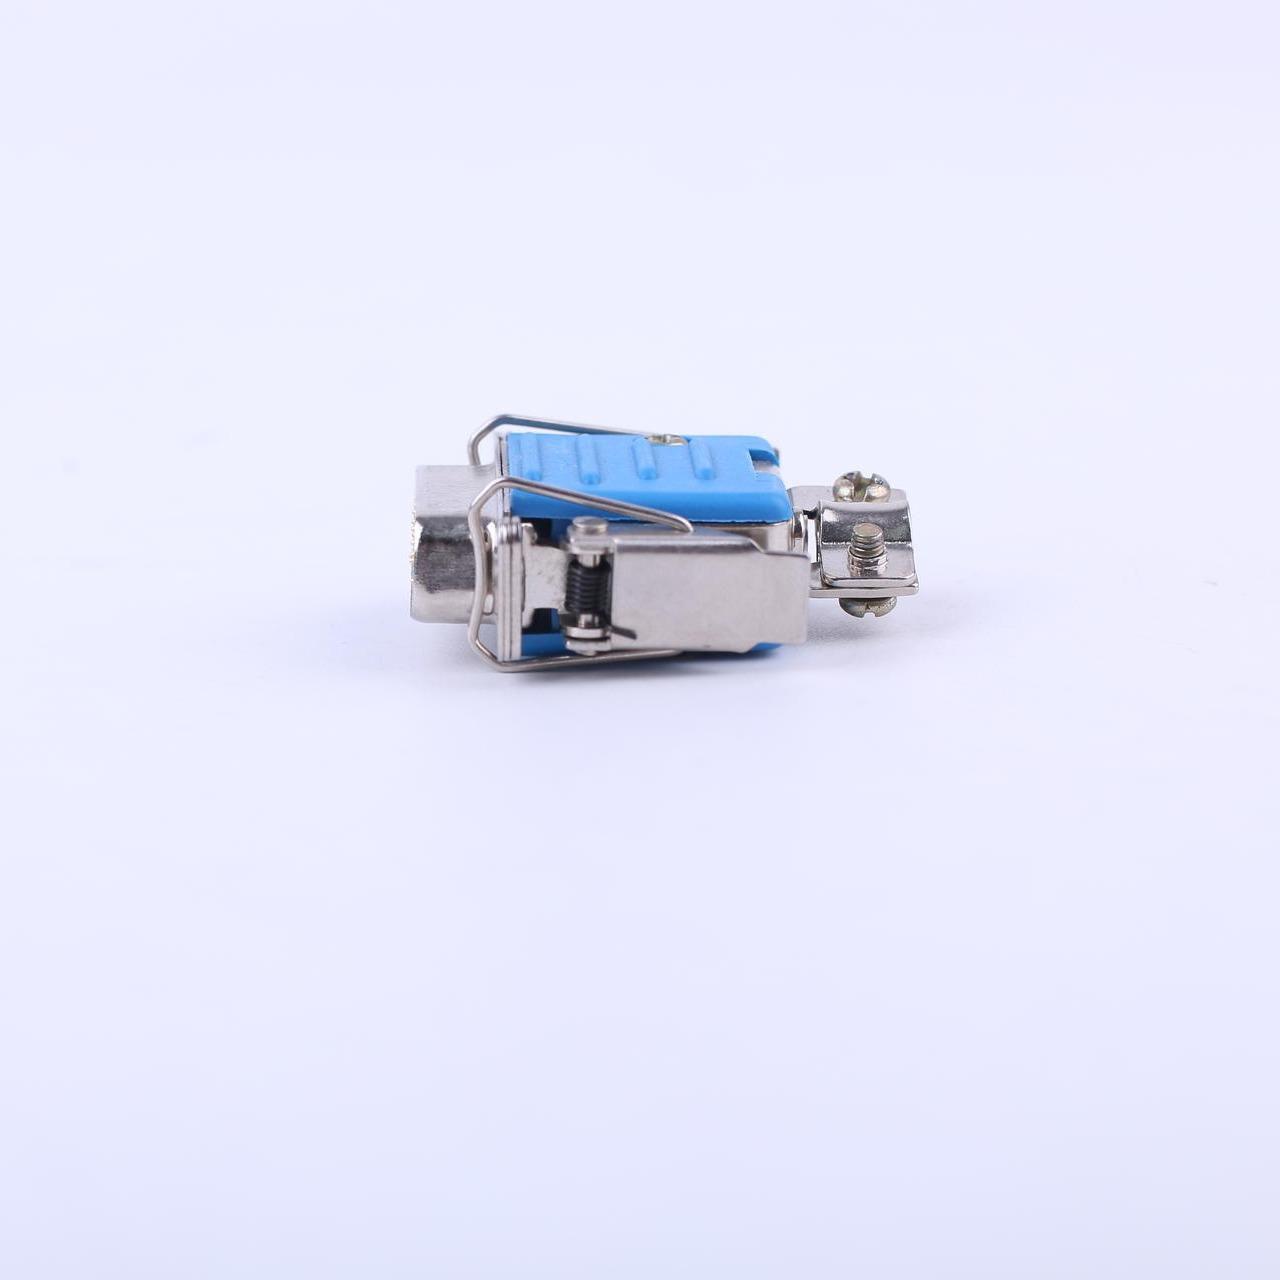 東普電子15芯CD1連接器 帶塑料屏蔽外殼   快速鎖緊